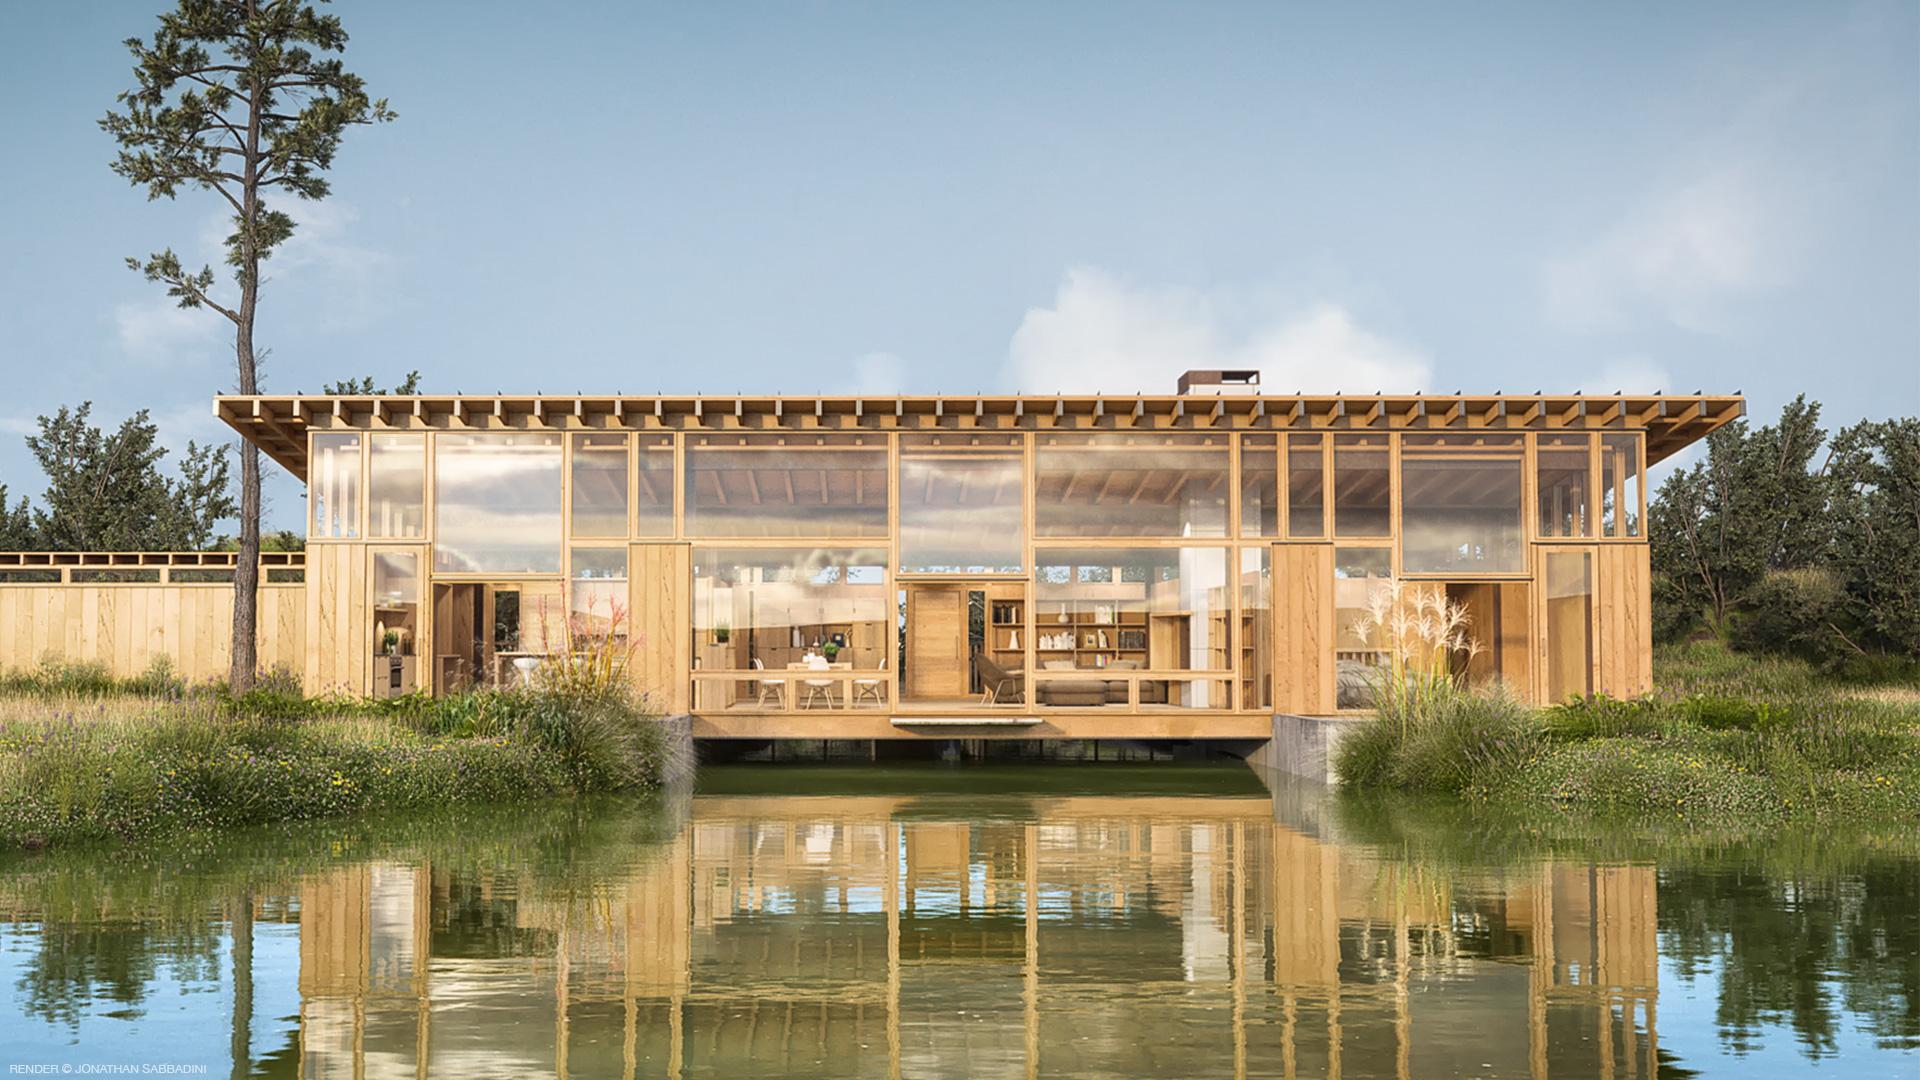 modellazione e rendering ad alto realismo di legno, vetro, vegetazione, acqua